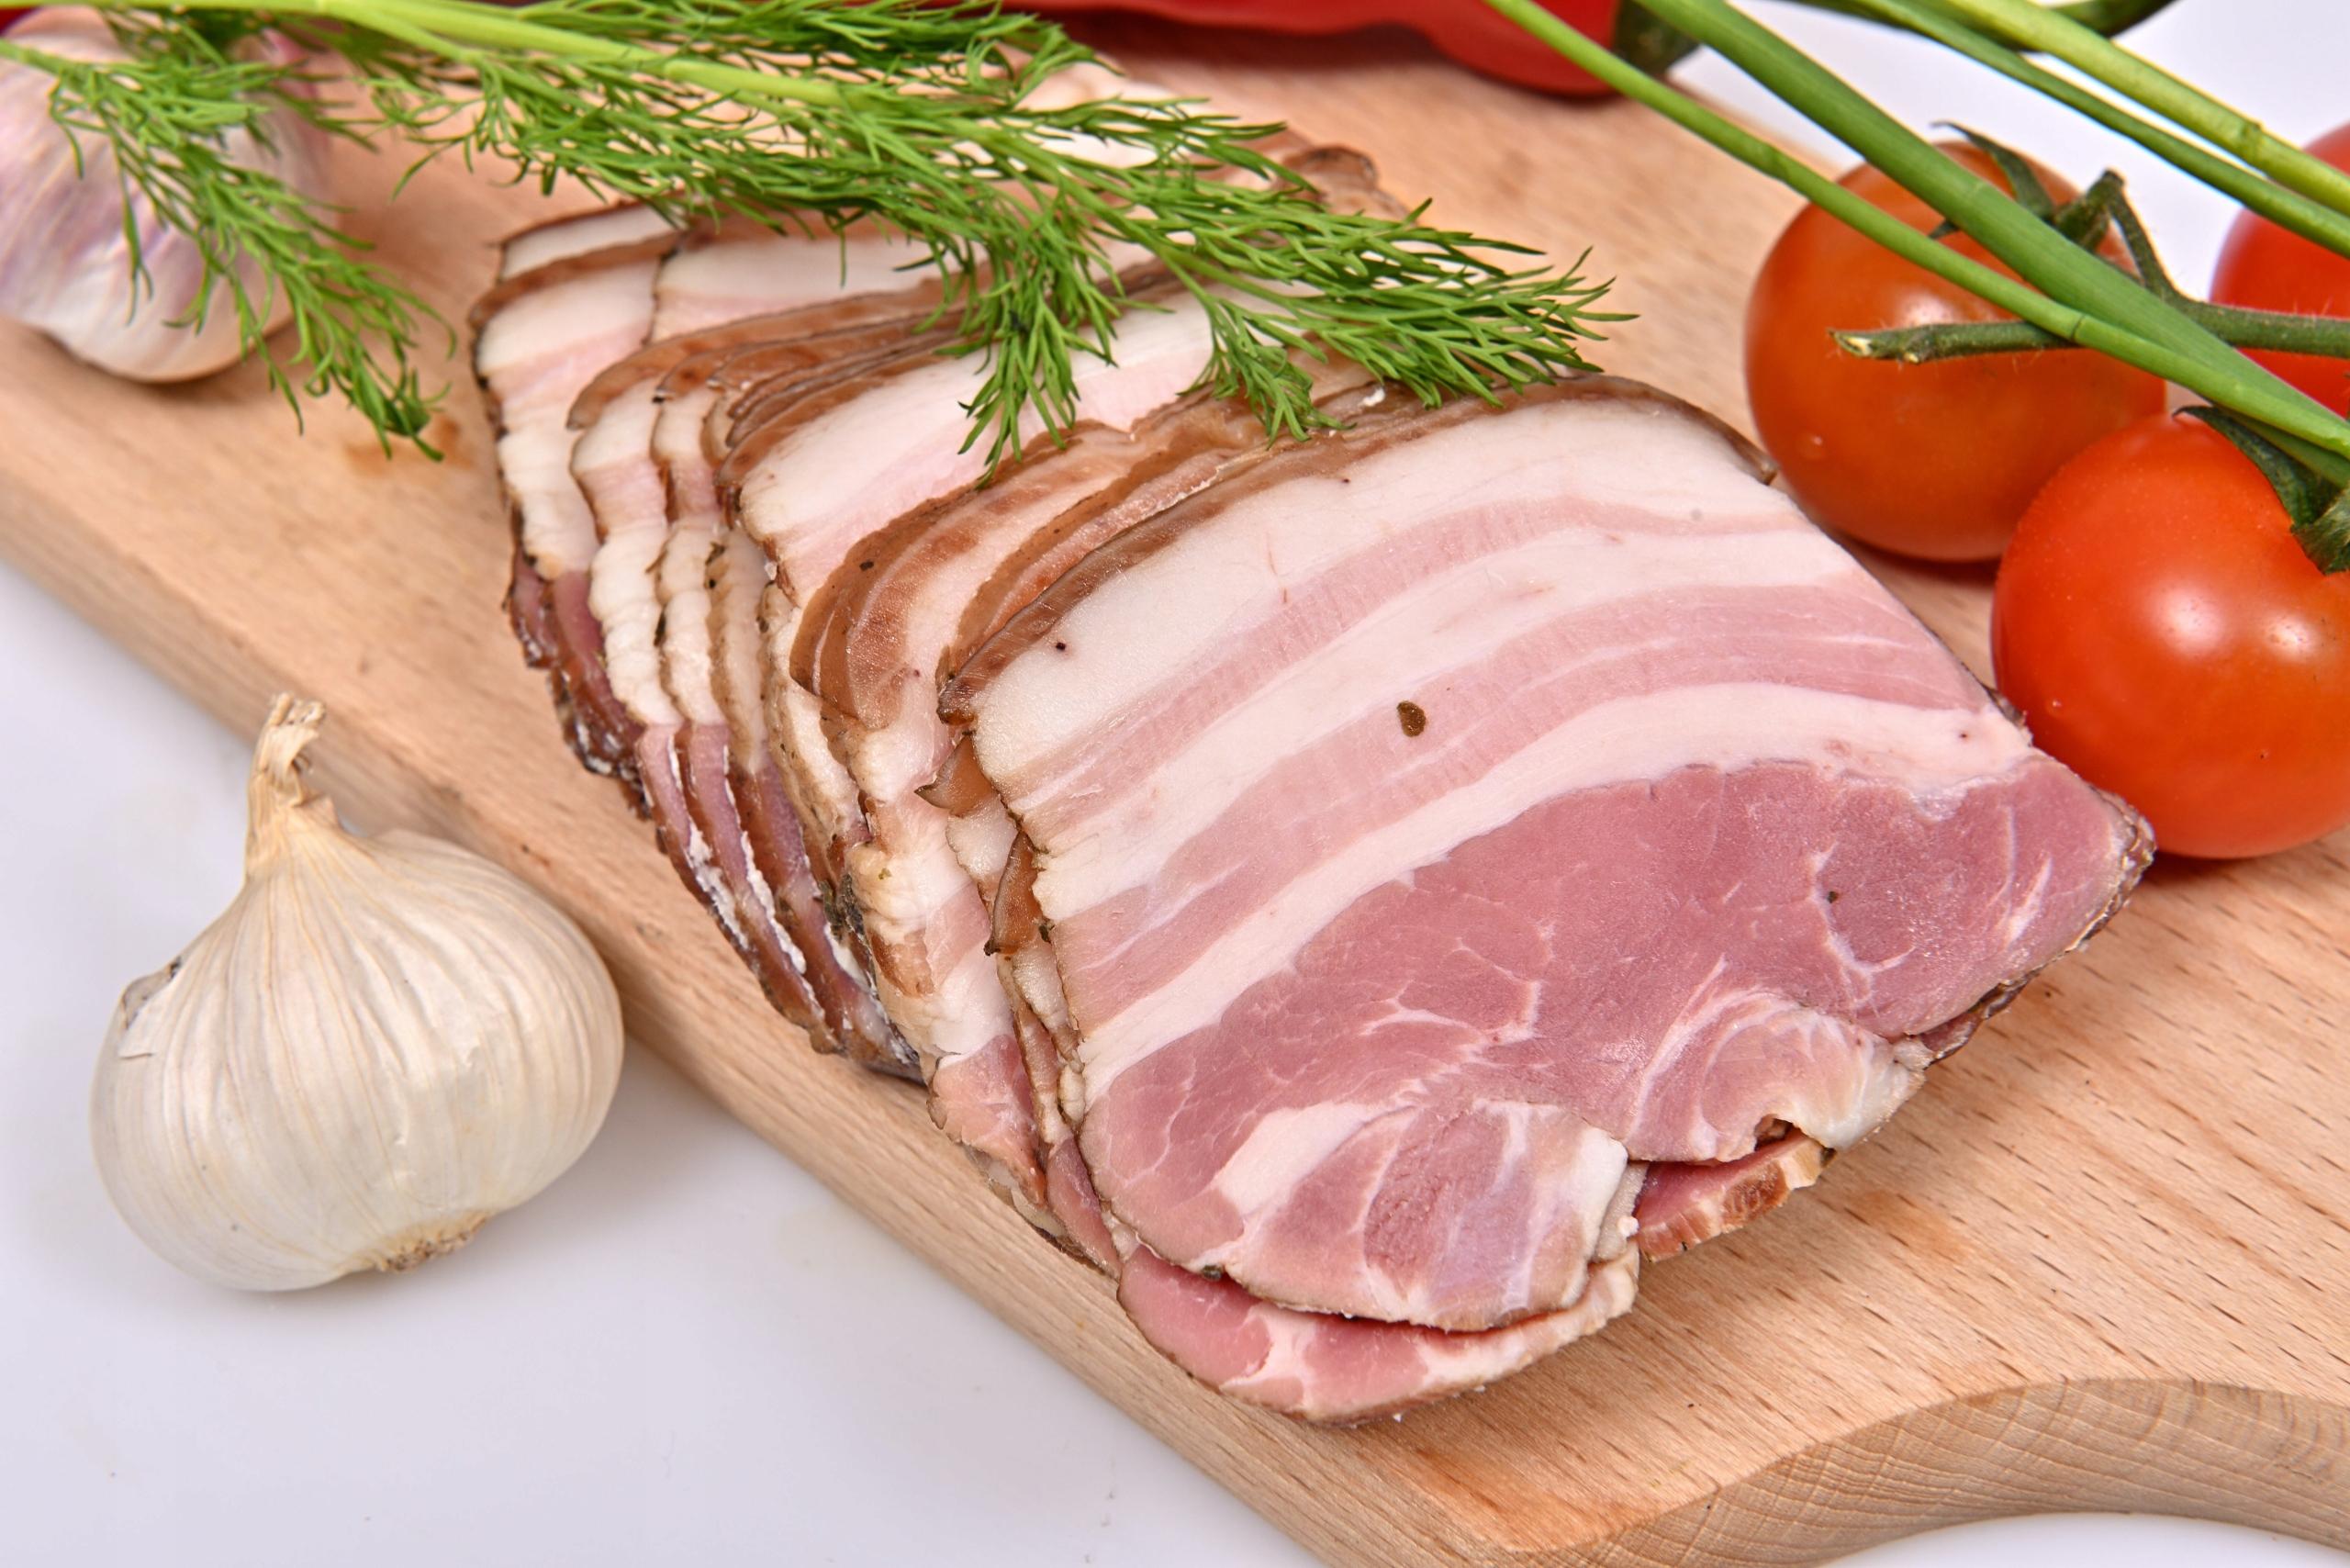 Ребята подскажите какая часть у свиной туши является беконом?